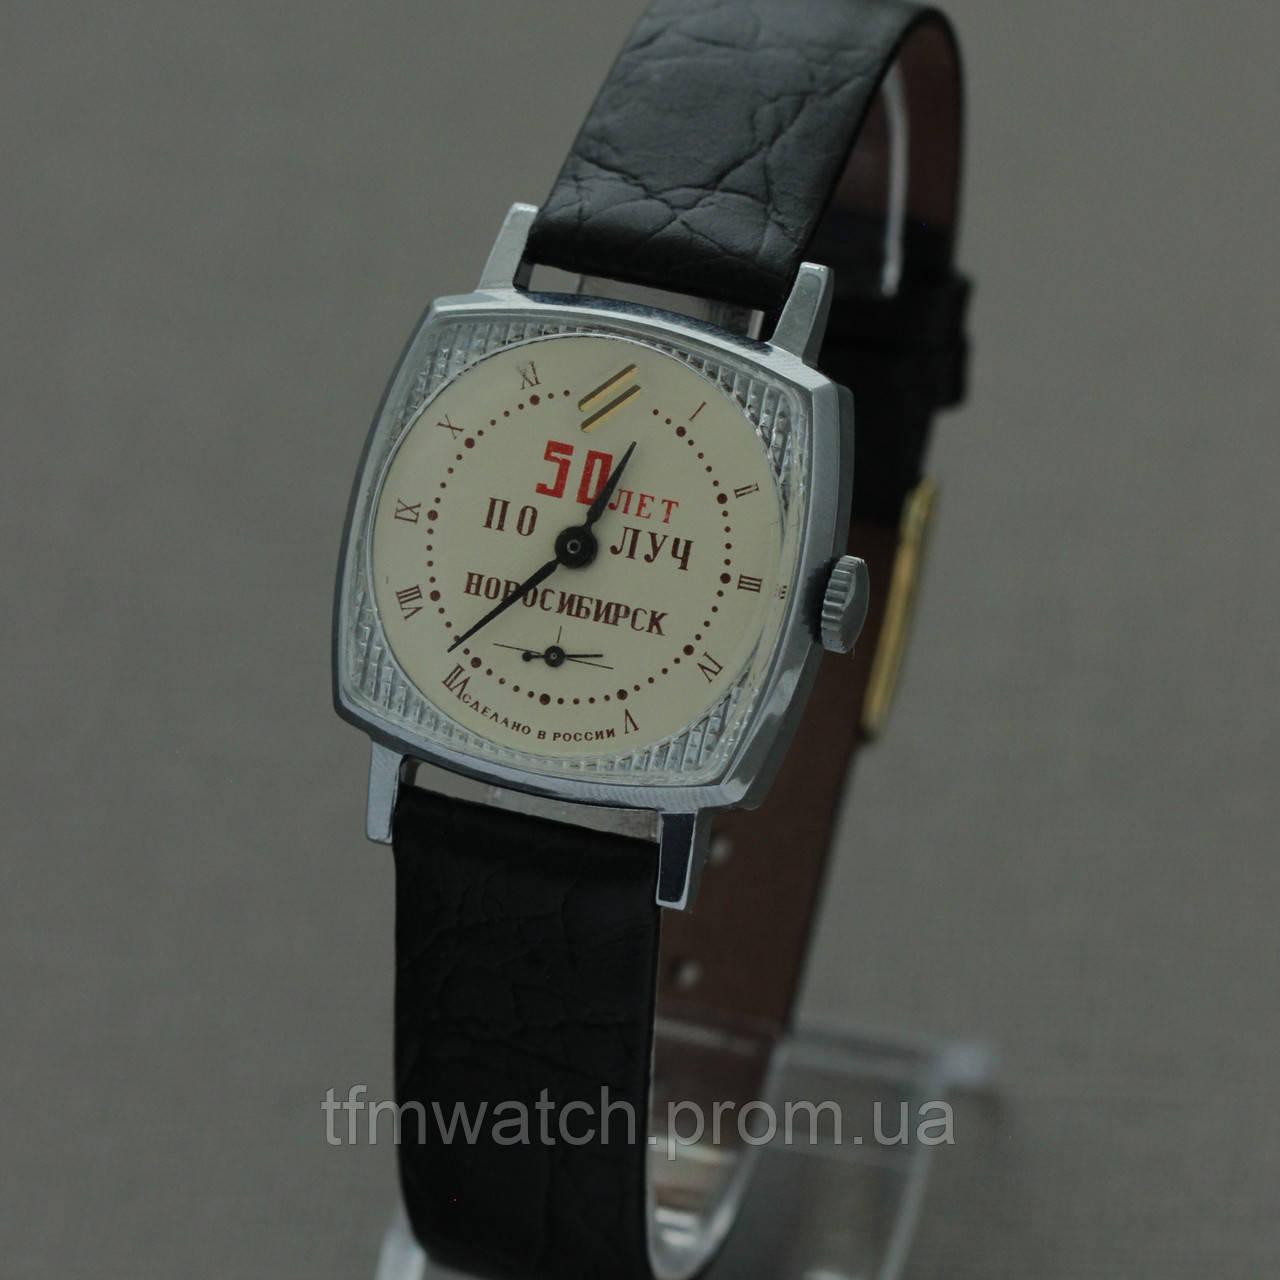 Часы наручные новосибирск продать часов в екатеринбурге ломбарды